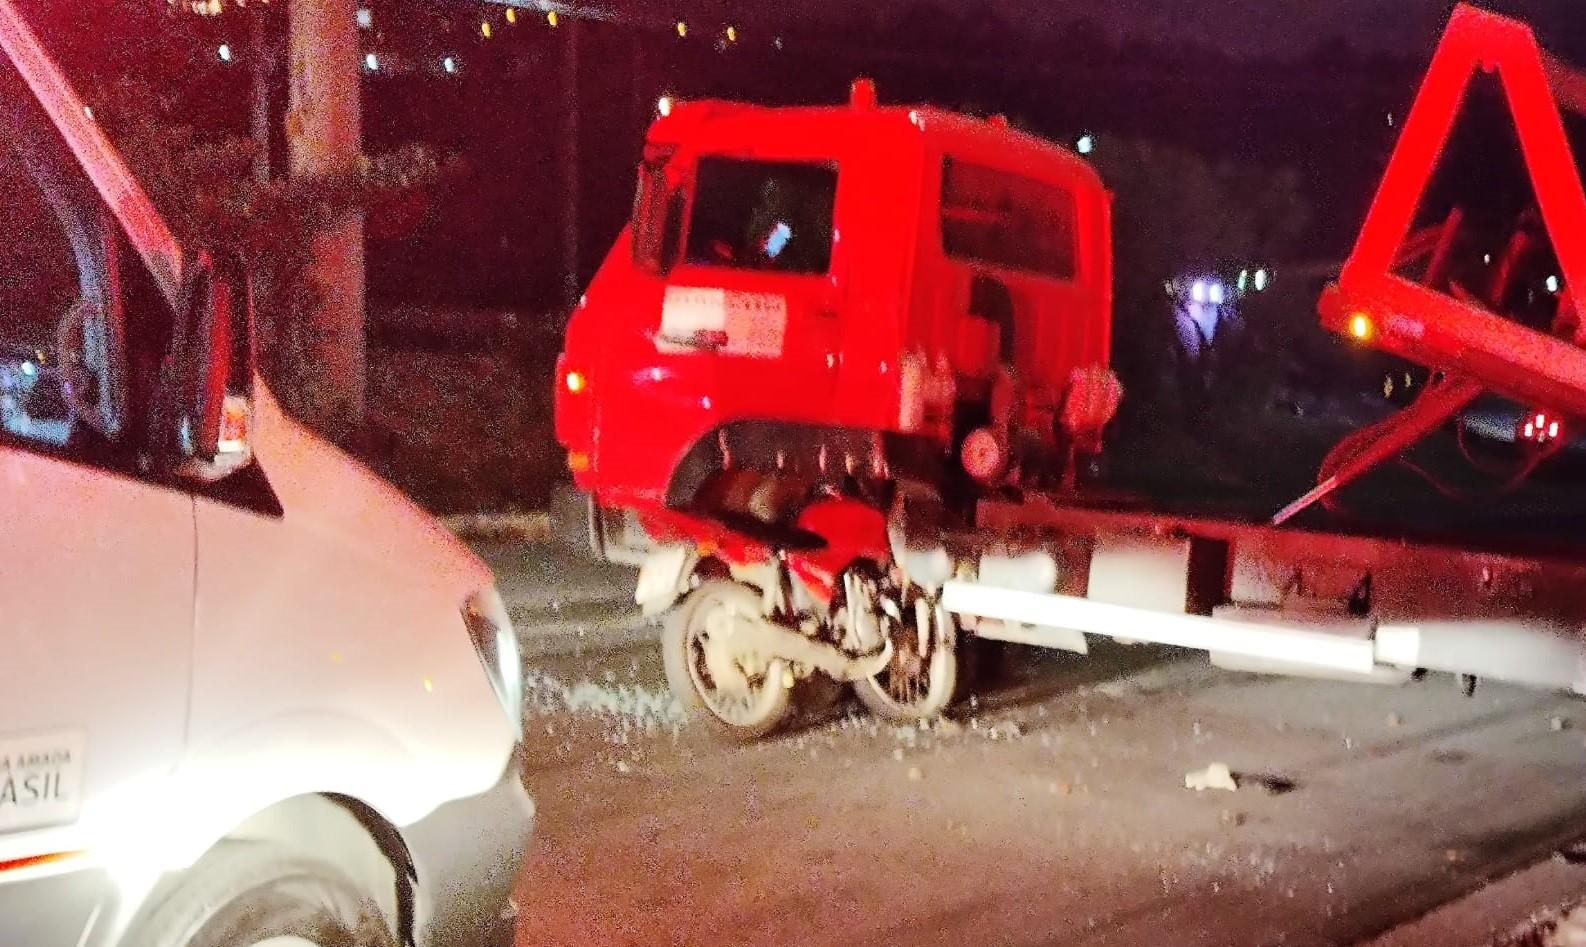 Motociclista fica ferido após bater em caminhão guincho em Jundiaí